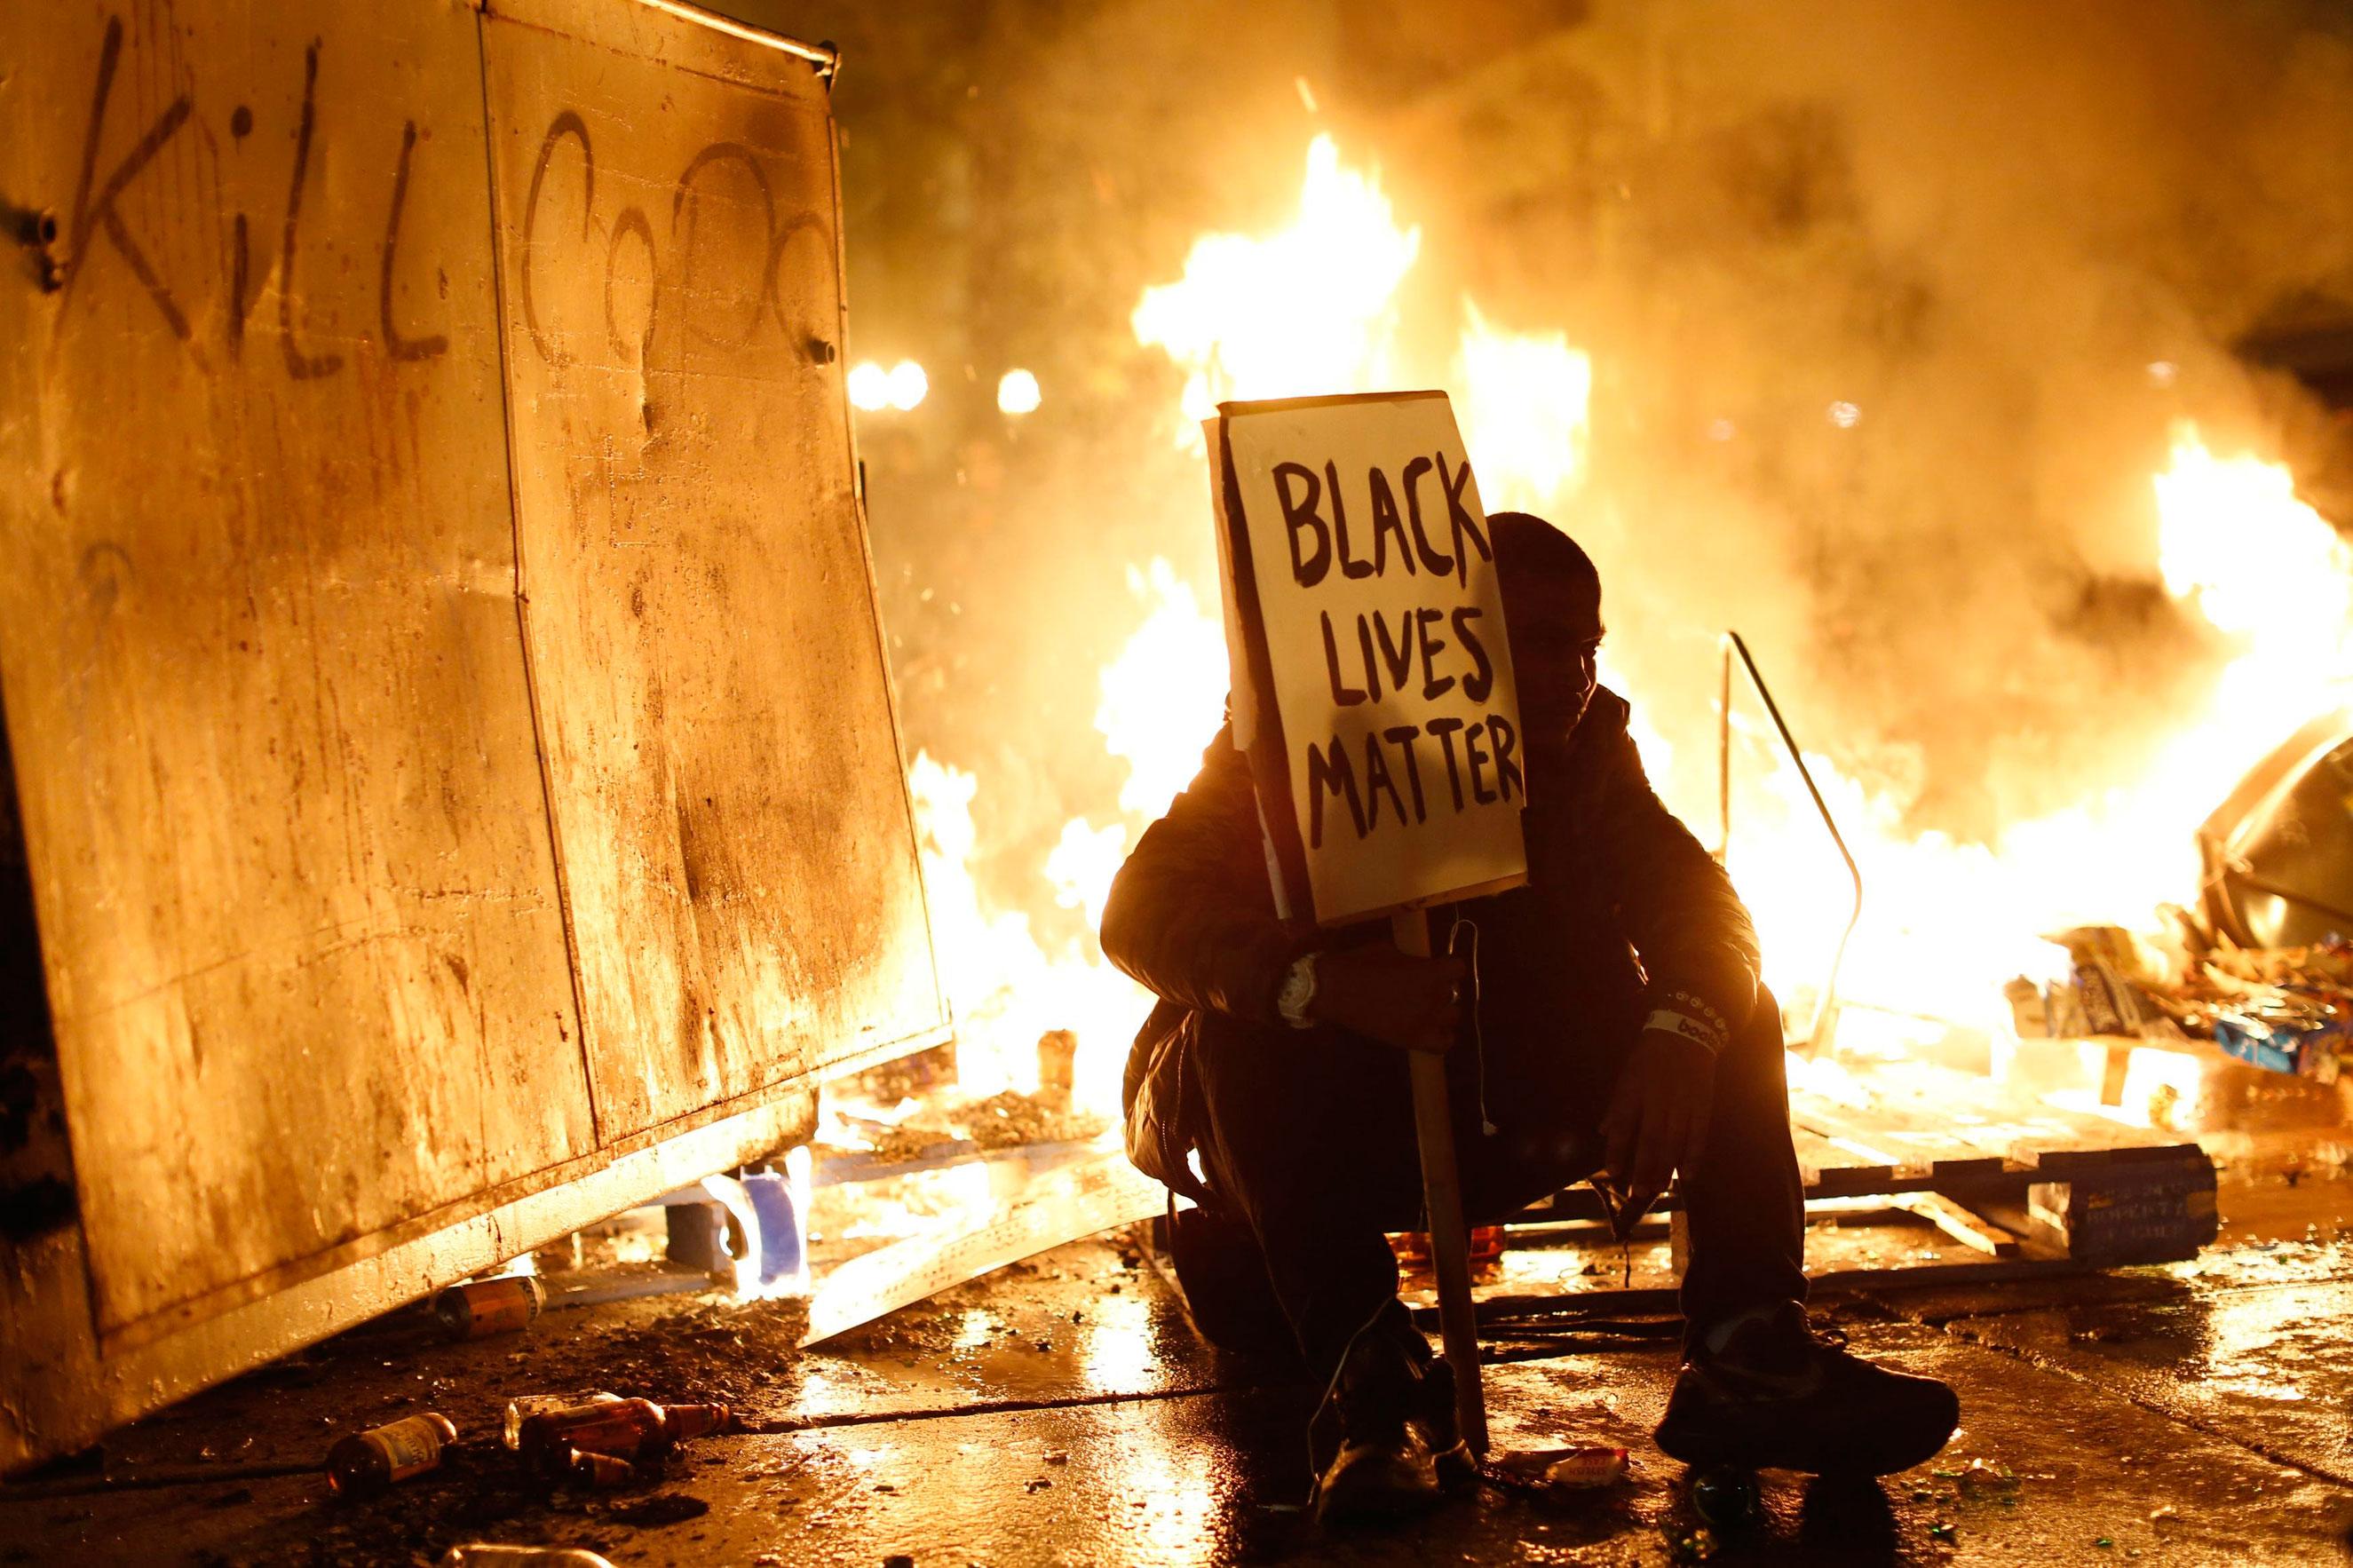 Flames burn behind a demonstrator in Oakland, Calif., on Nov. 25, 2014.